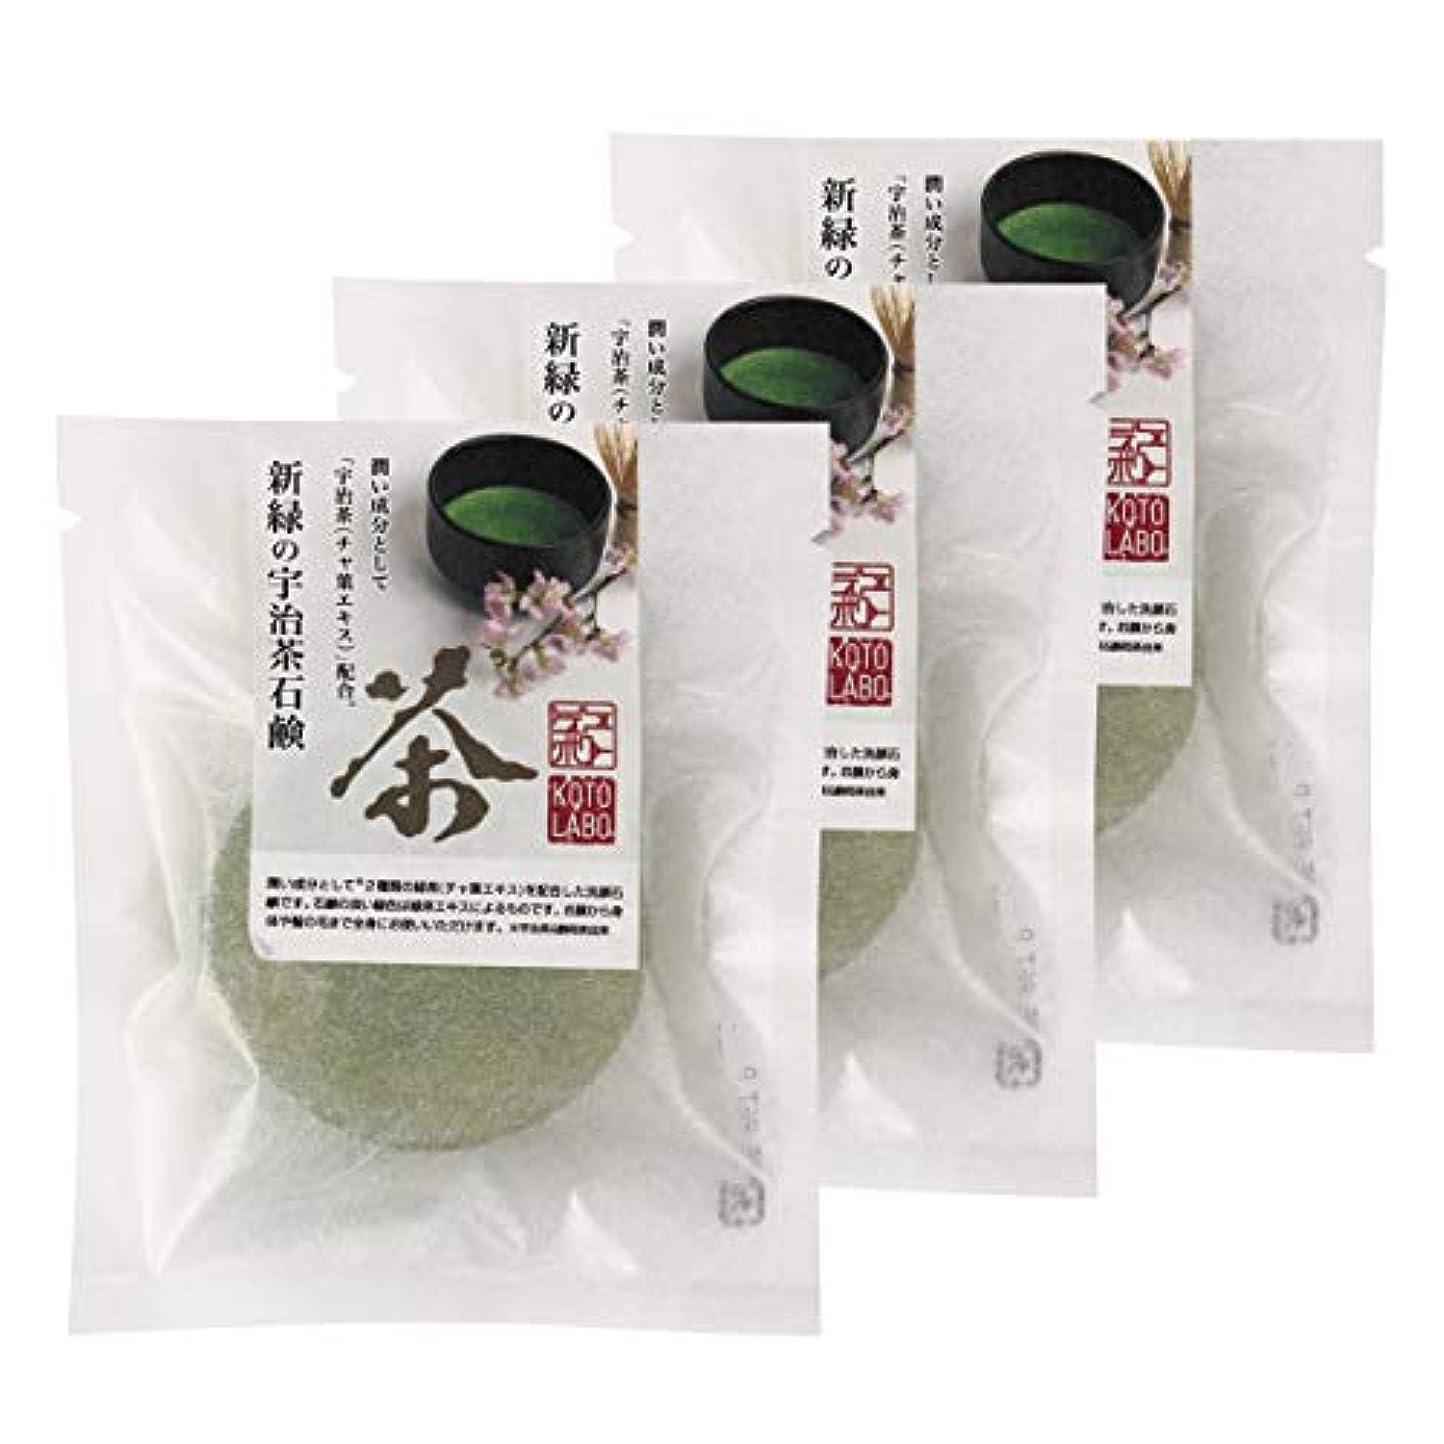 平和なバレエモノグラフコトラボ 新緑の宇治茶石鹸 40g×3個セット (お顔?全身用)